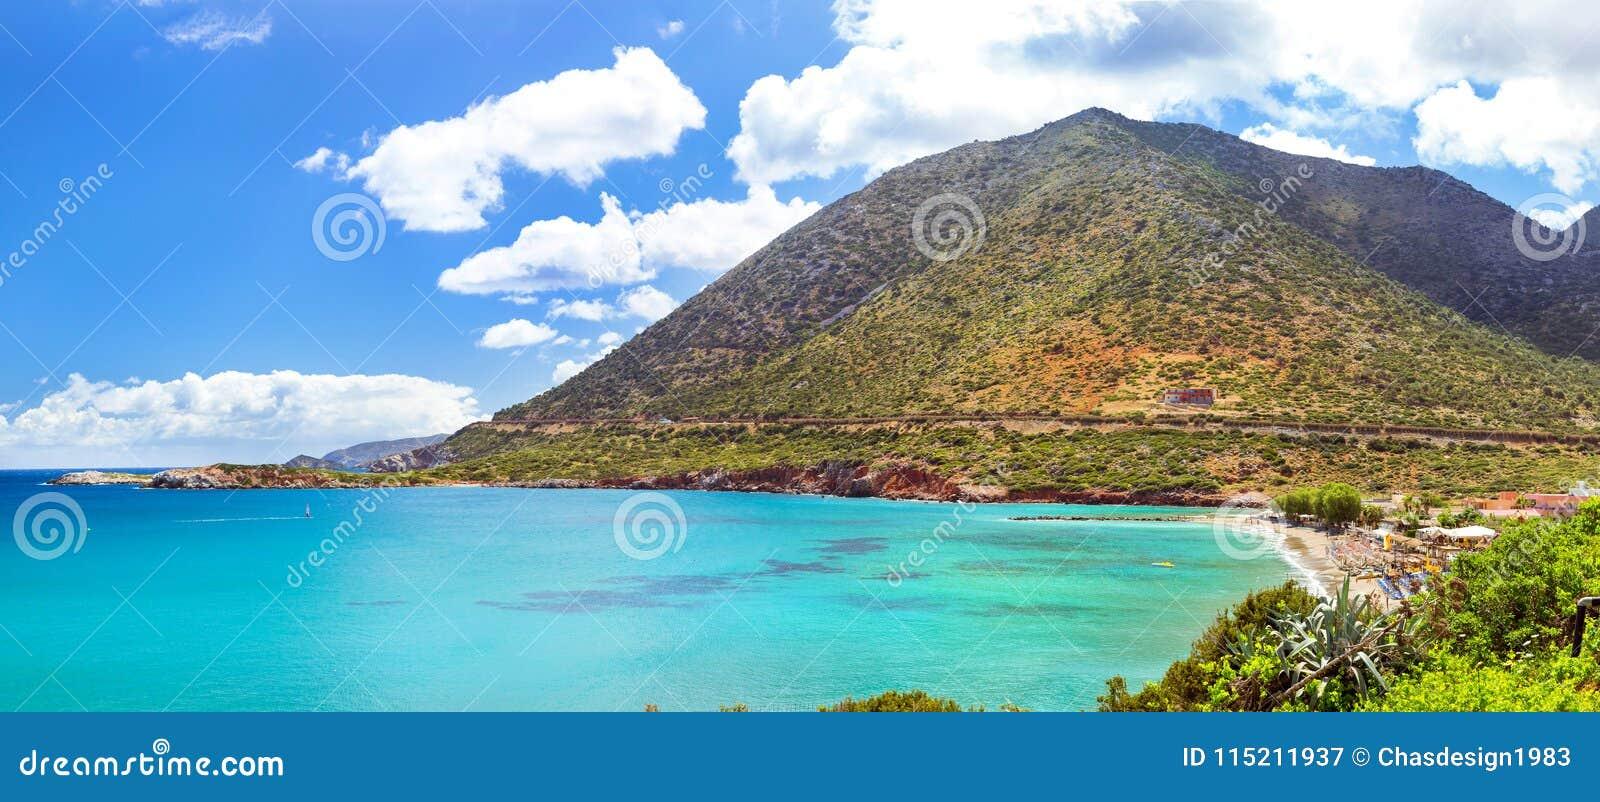 Spiaggia Di Livadi Nella Baia Del Mare, Villaggio Bali Creta Della ...